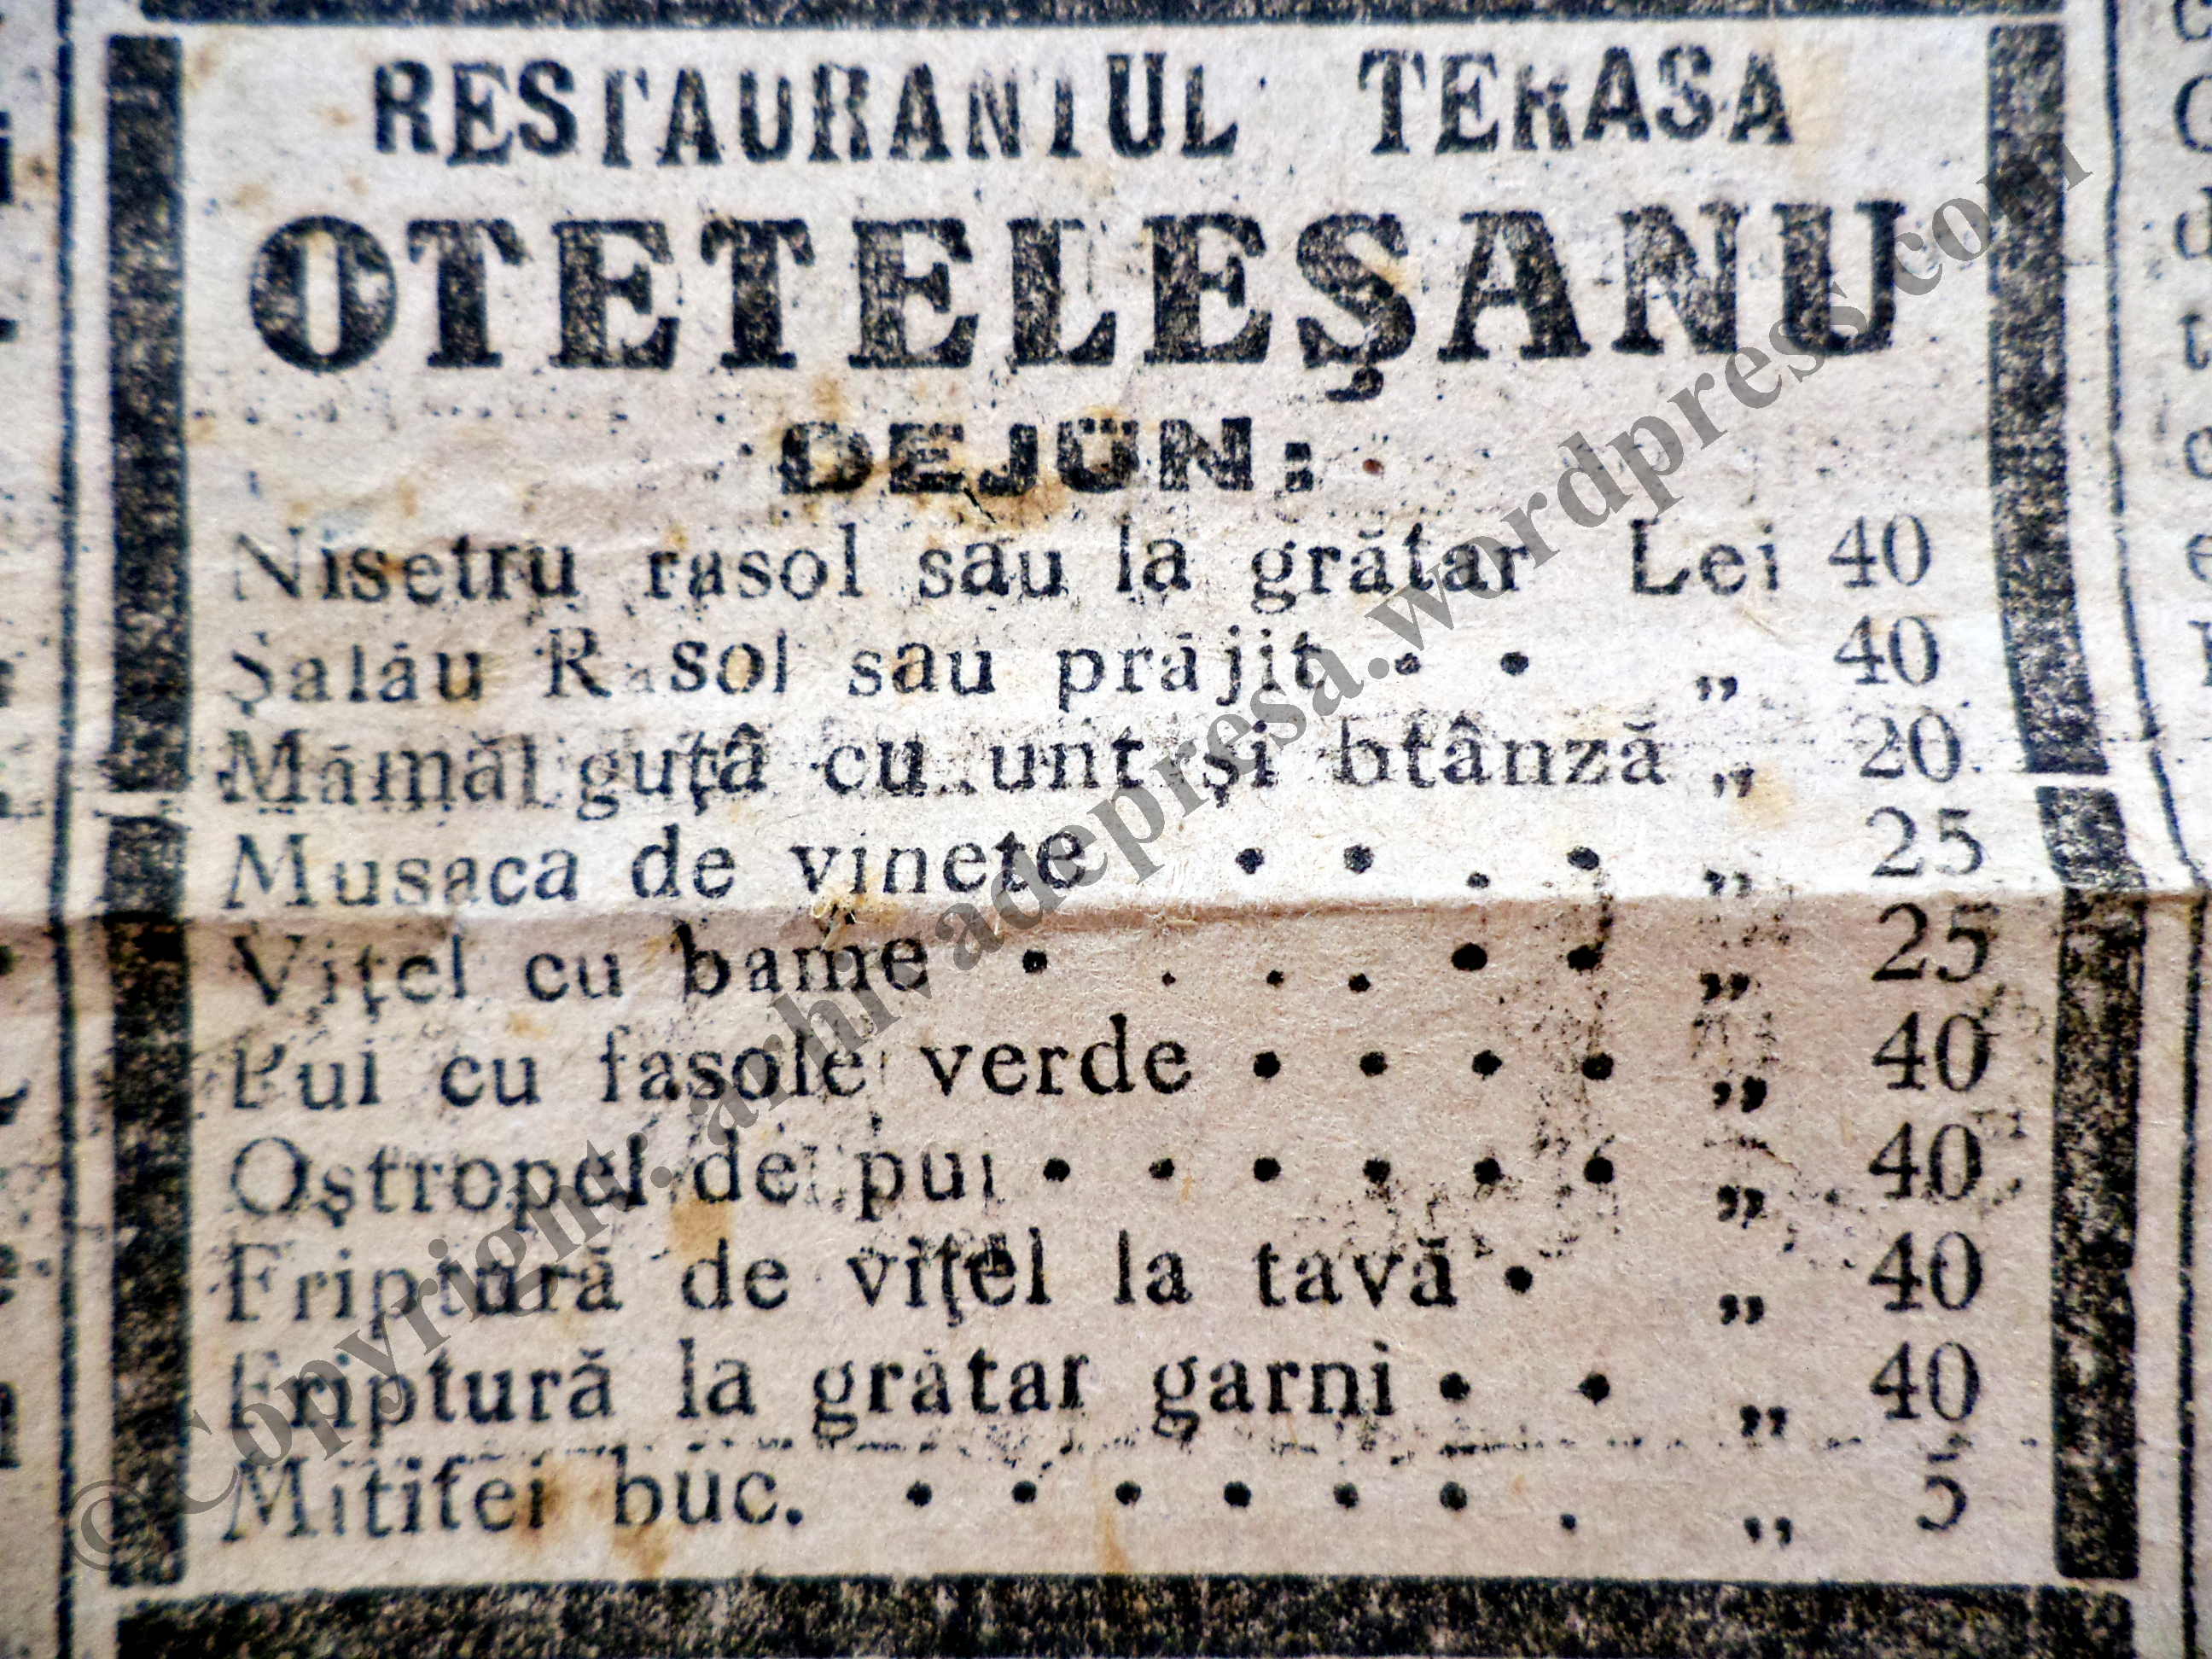 Istoria Terasei si a Restaurantului Otetelesanu